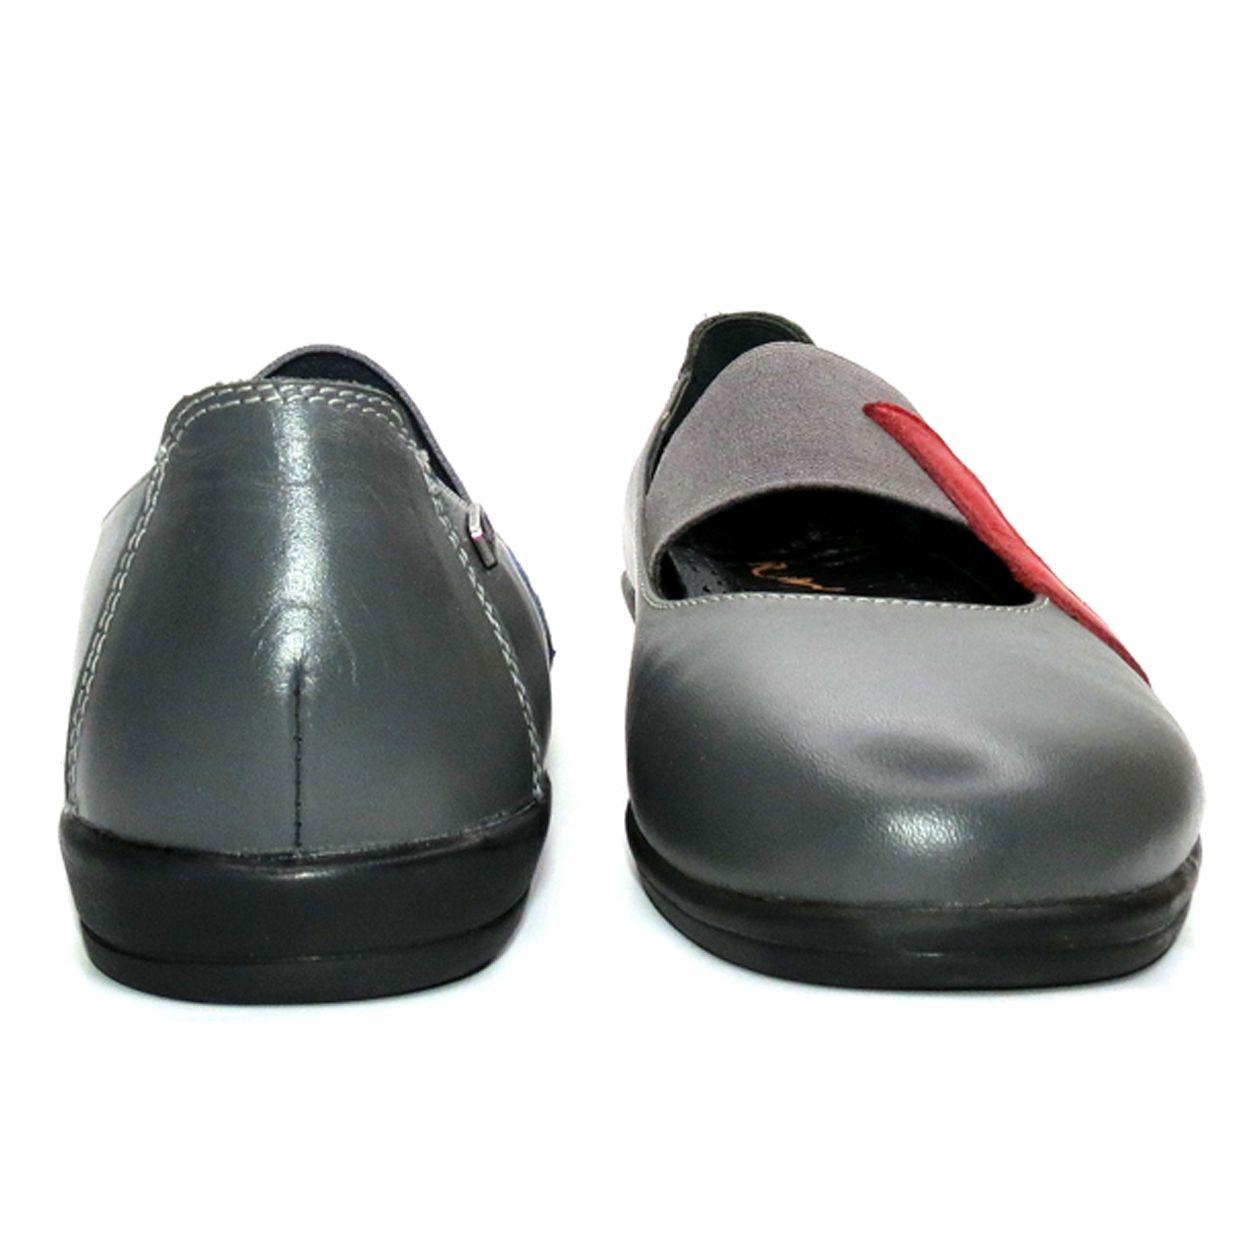 کفش روزمره زنانه آر اند دبلیو مدل 982 رنگ طوسی -  - 5